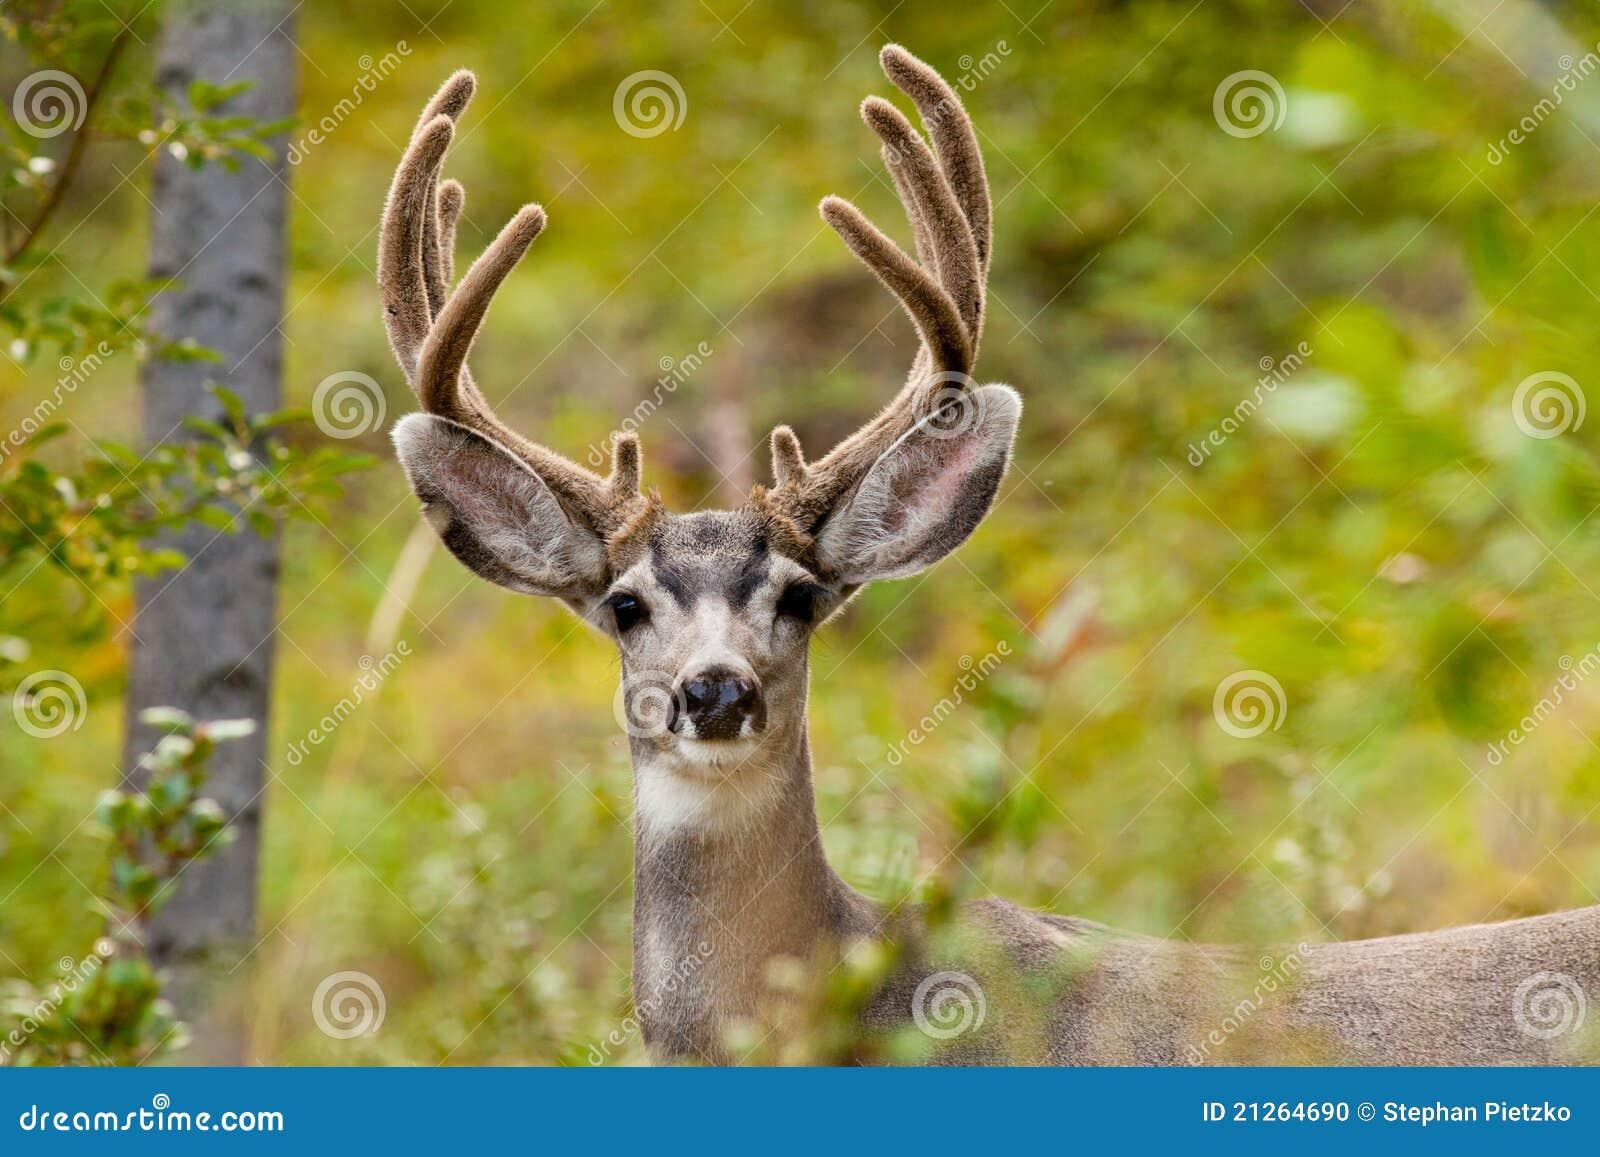 Portrait of mule deer buck with velvet antler